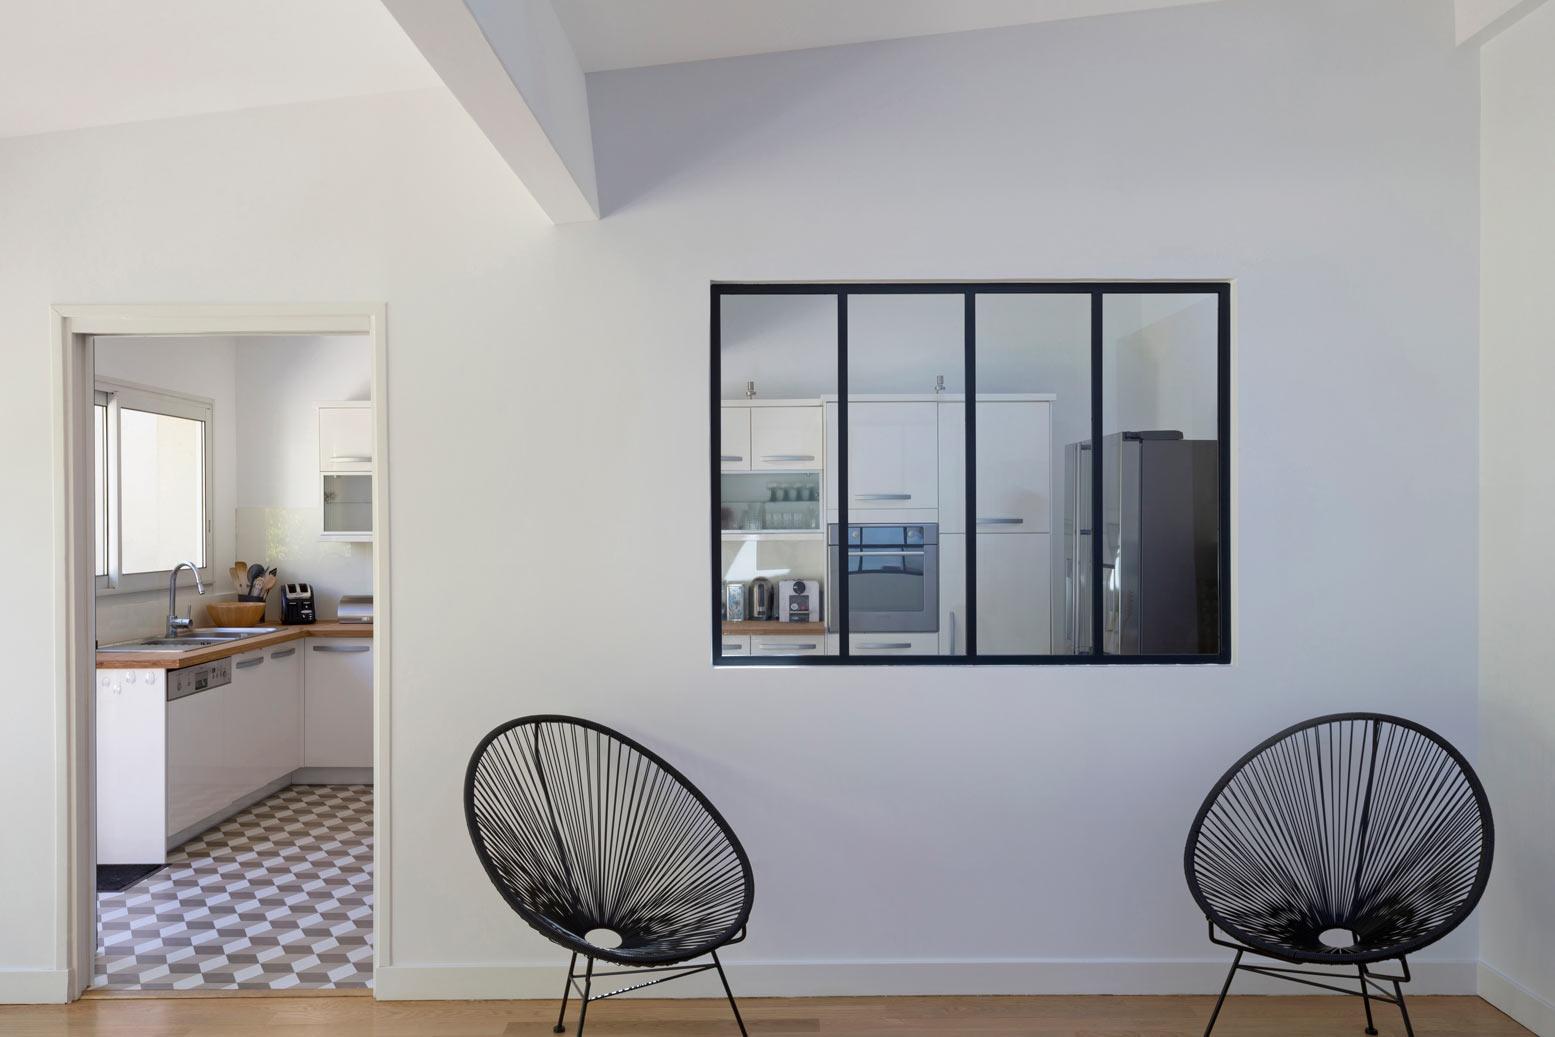 Vitre Pour Cloison Interieure Verrire Atelier Aluminium